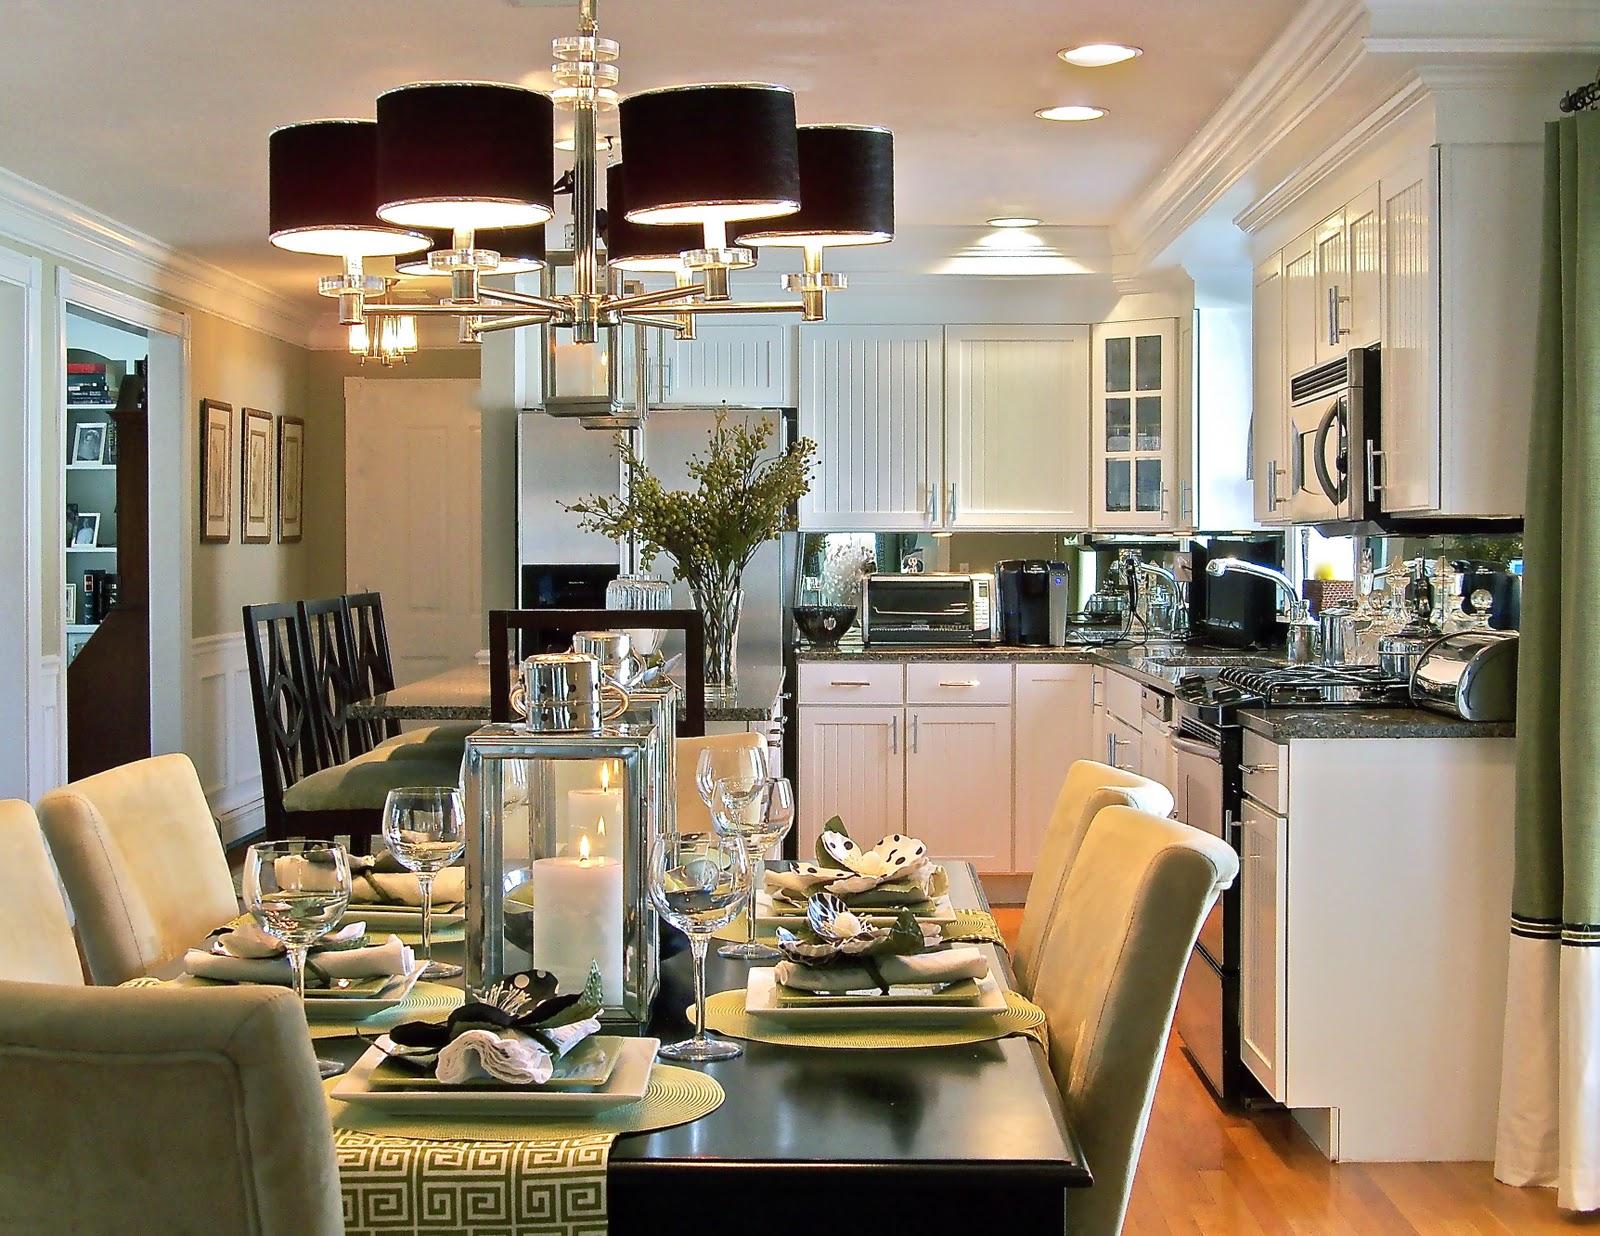 Naranja ejemplar Muebles de Cocina y Accesorios Interior maravilloso naranja Concepto para la Pequeña y Abierta (ejemplar Muebles de cocina, Muebles de Cocina Interior)